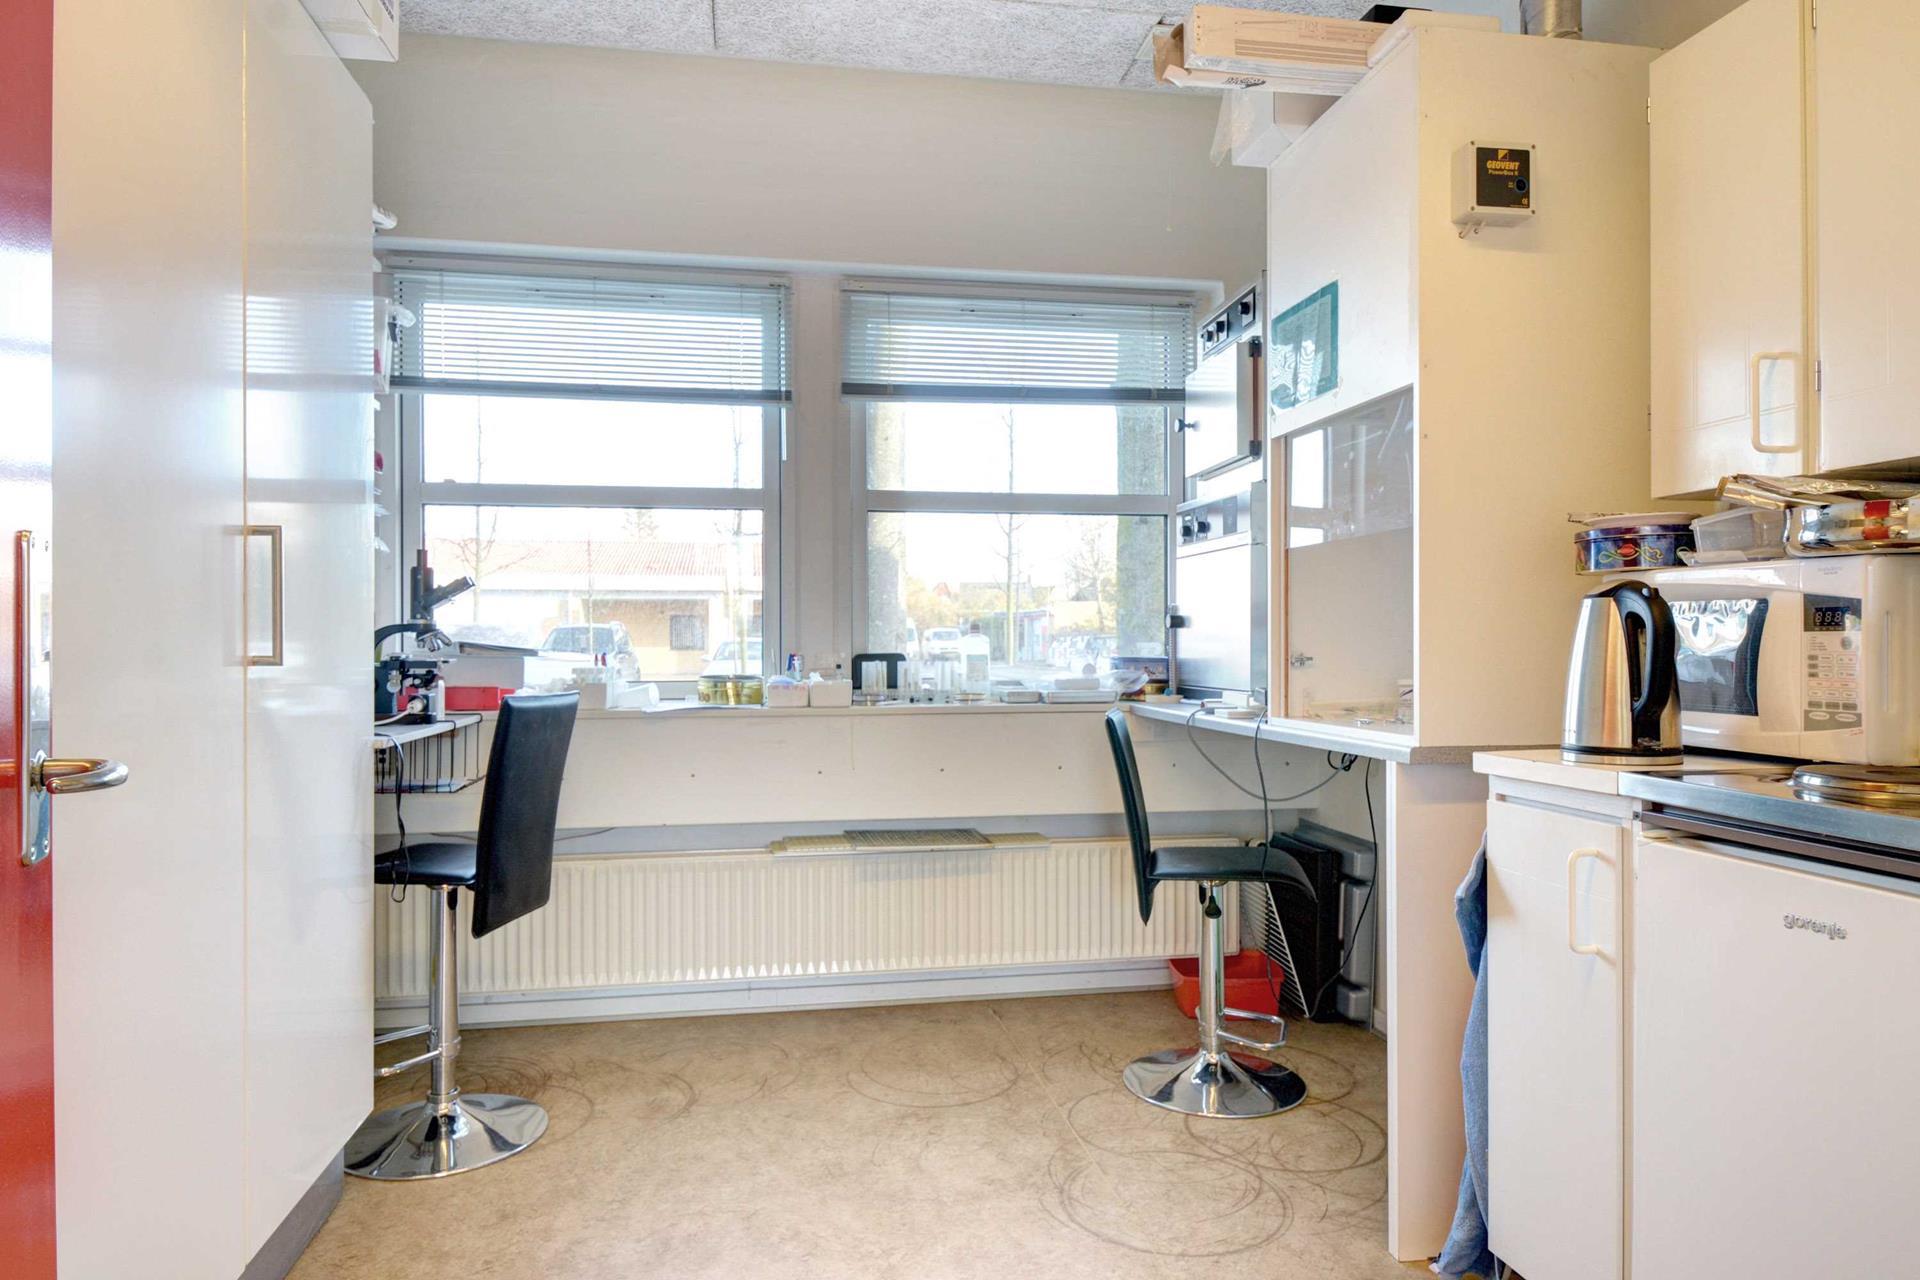 Bolig/erhverv på Torvet i Tistrup - Kontor